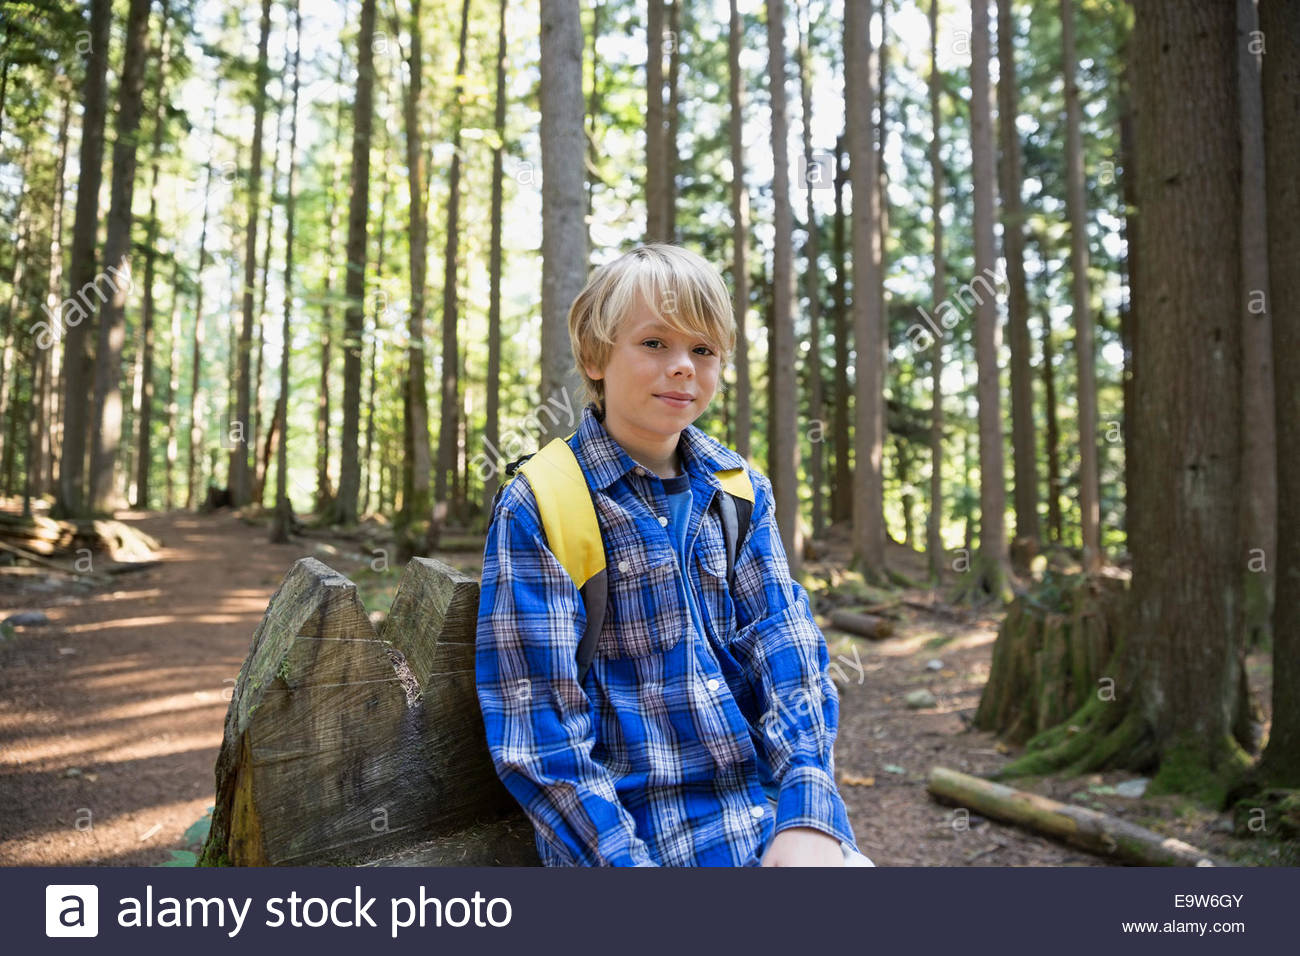 Porträt eines jungen mit Rucksack in Wäldern Stockbild